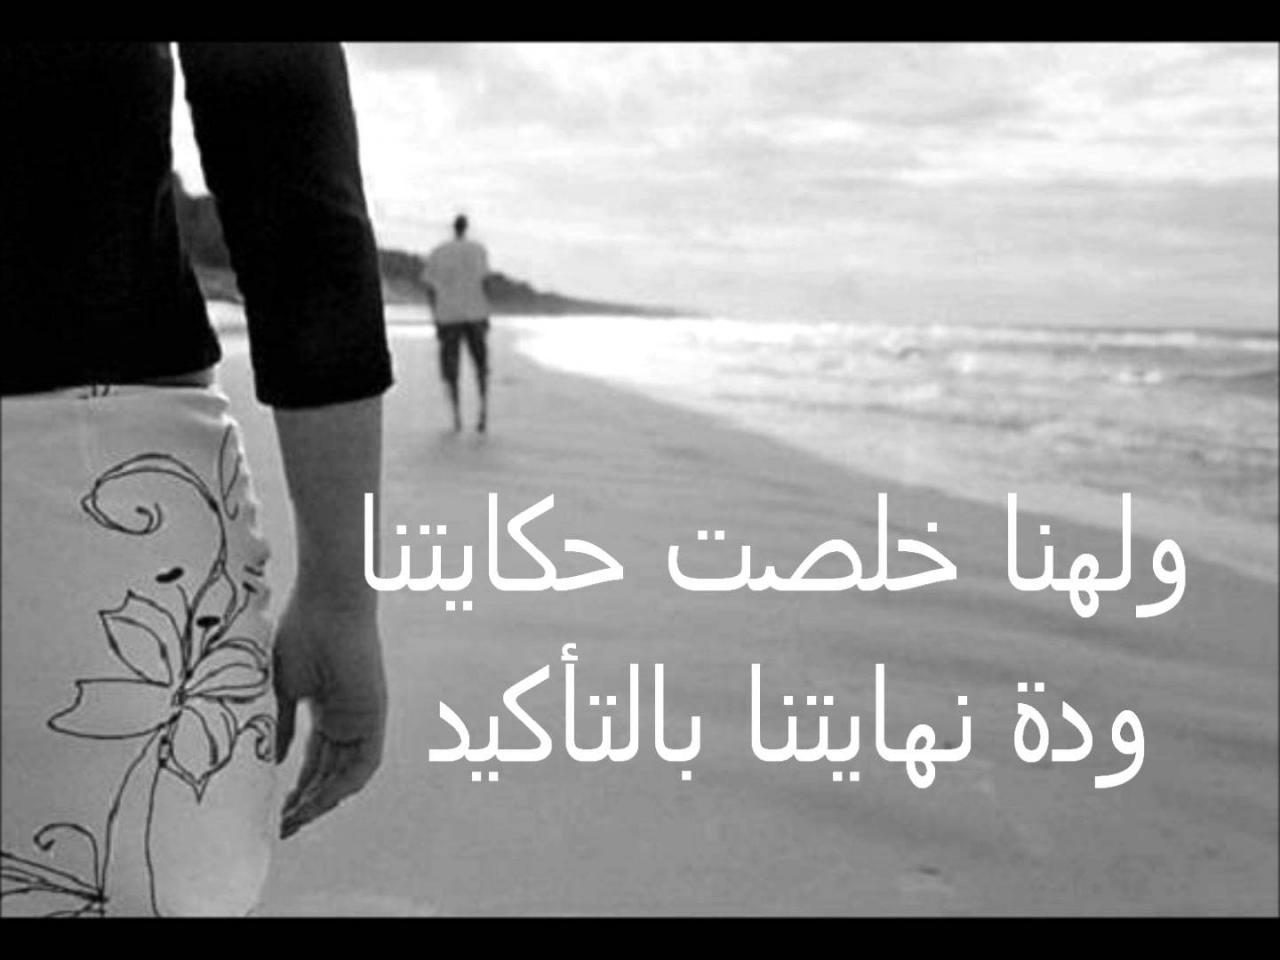 صورة رسائل حزينه فراق , تعبيرات حزينة عن الفراق